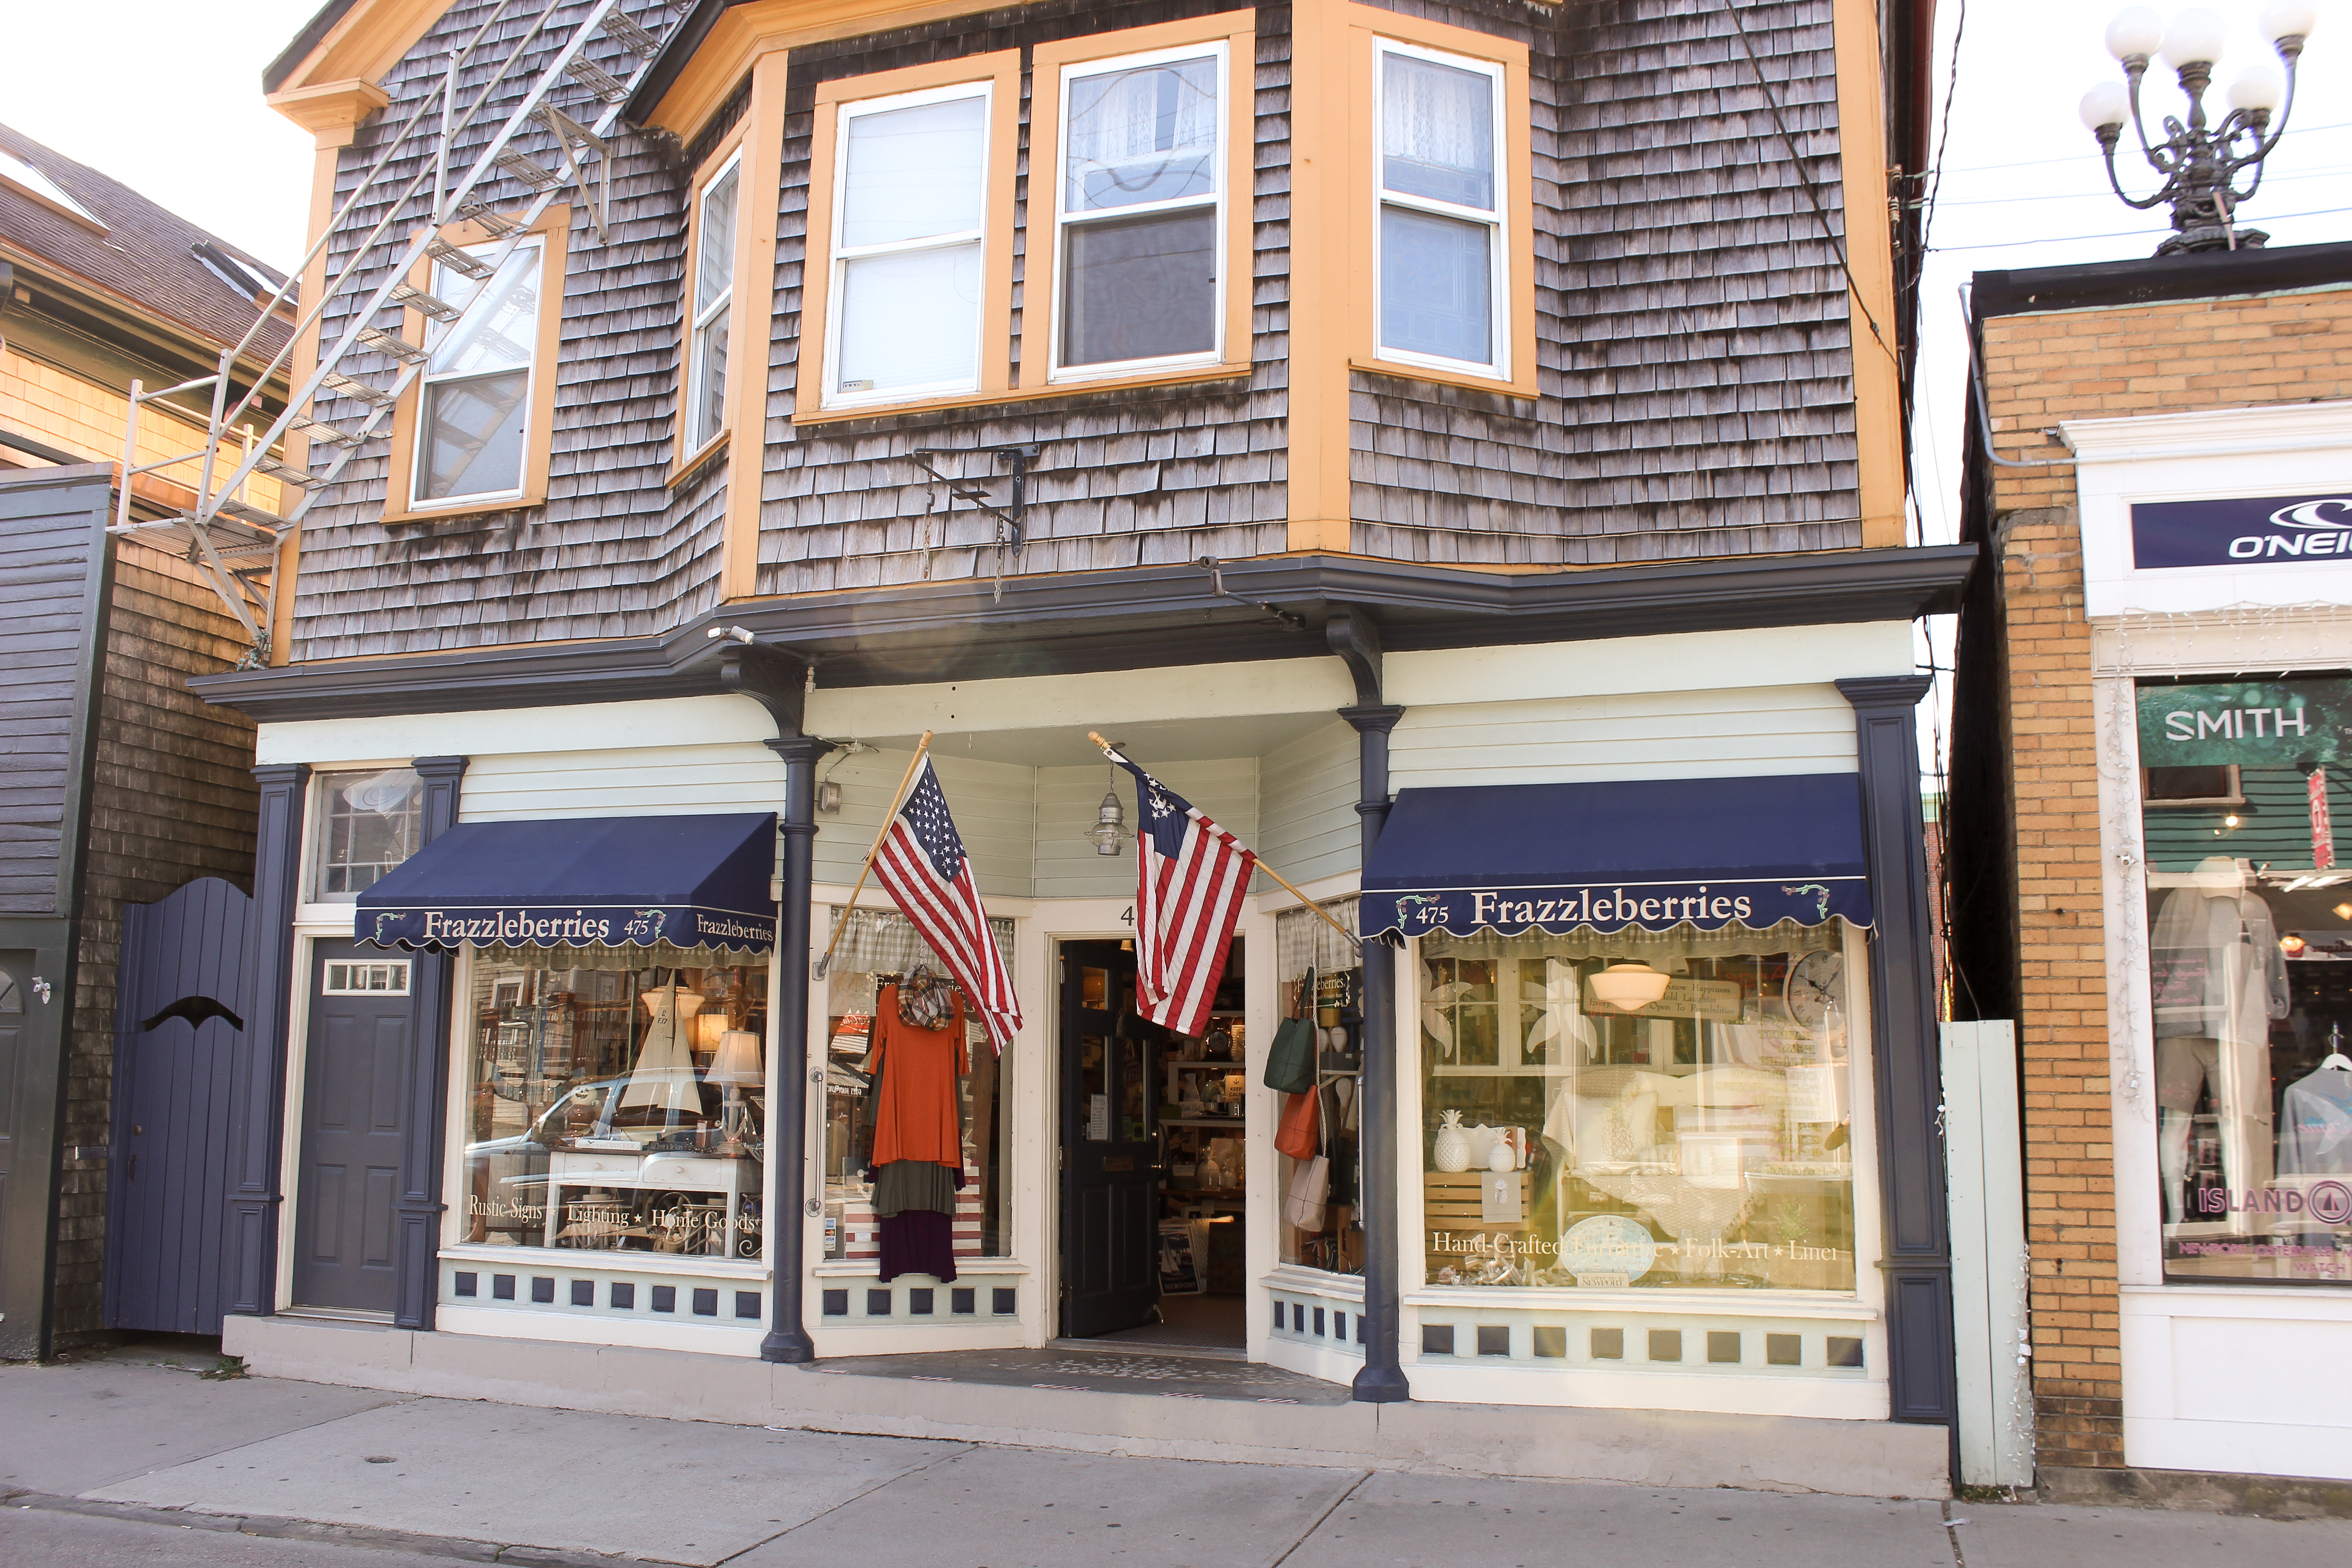 Thames Street winter Newport, Rhode Island